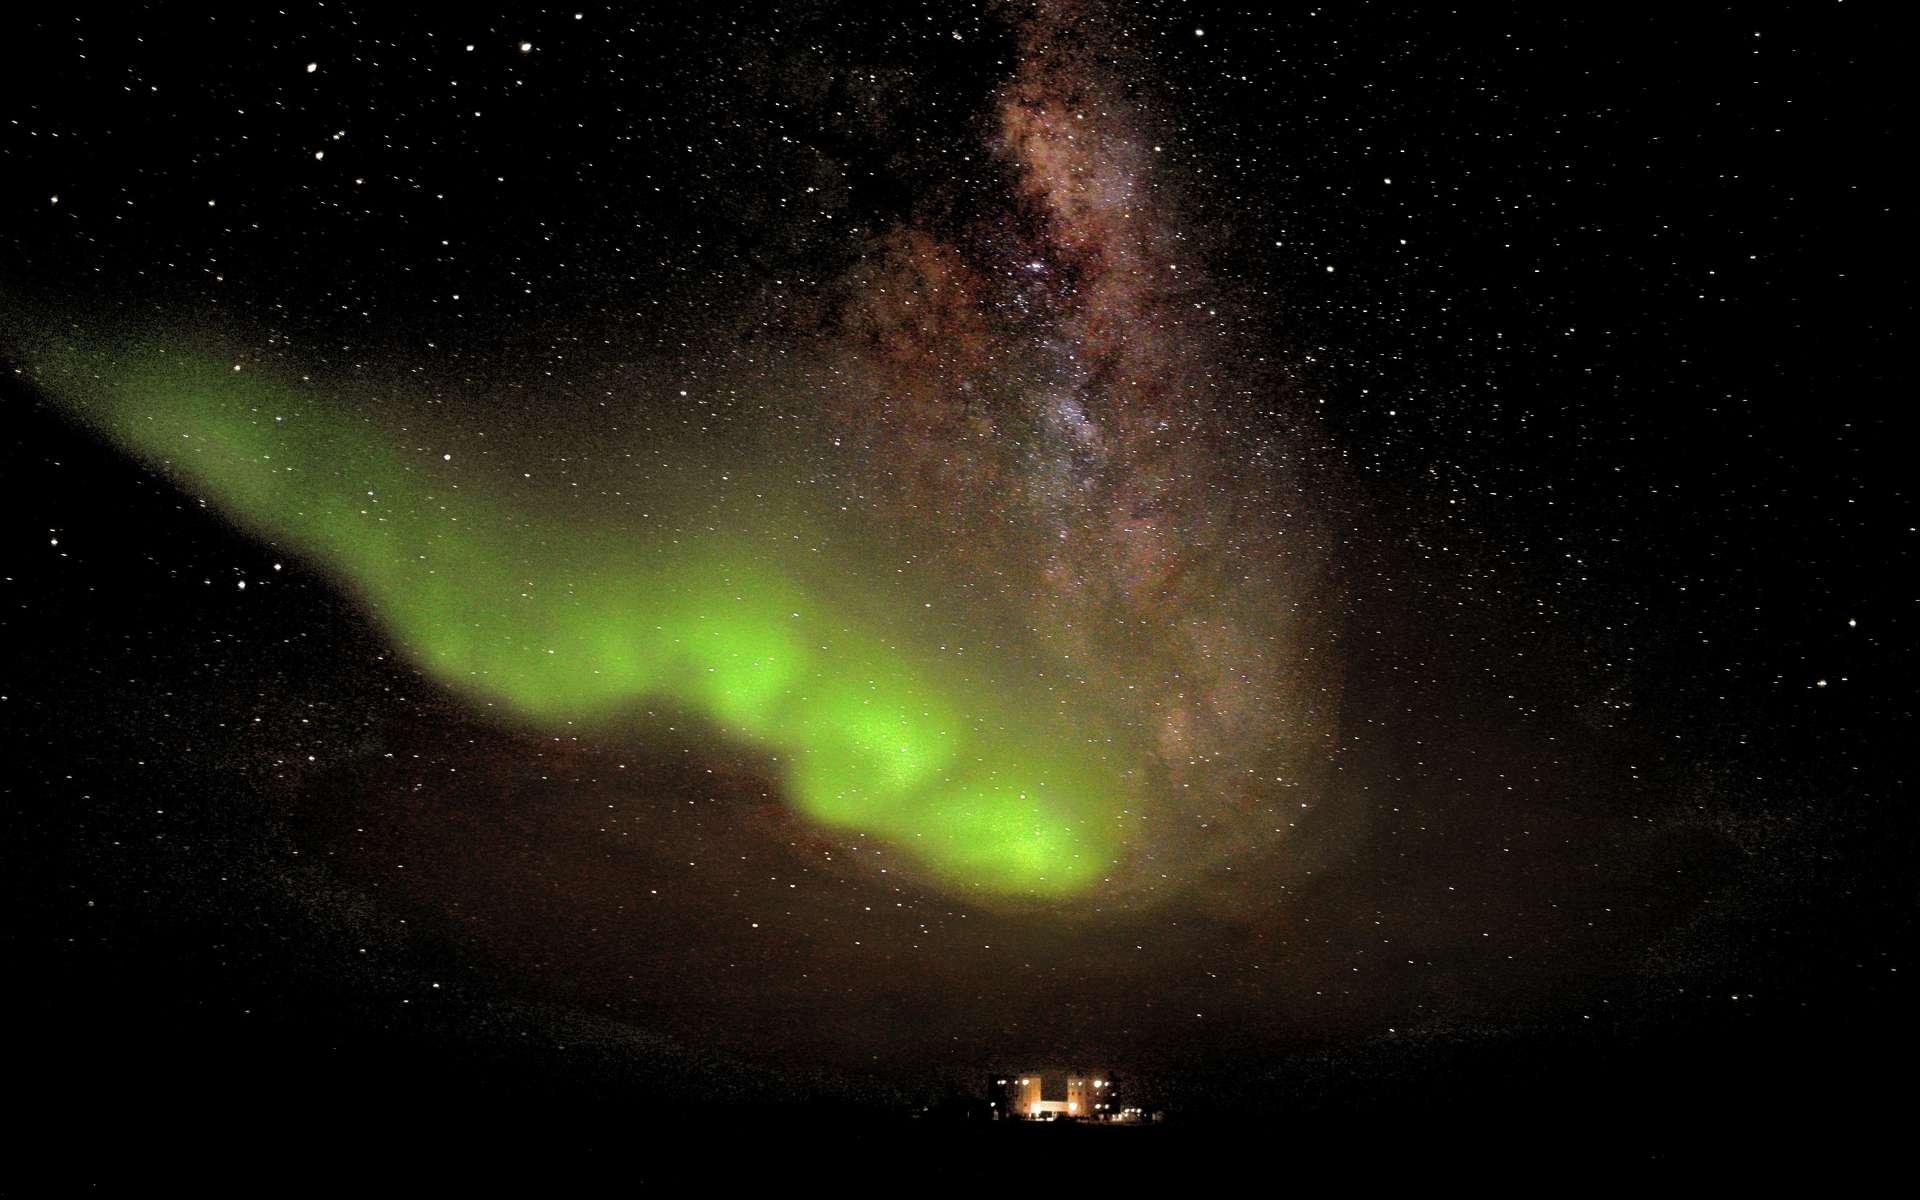 Une rare aurore australe photographiée le 18 juillet dernier depuis la base franco-italienne de Concordia. © Esa, Ipev, ENEAA, A. Kumar & E. Bondoux